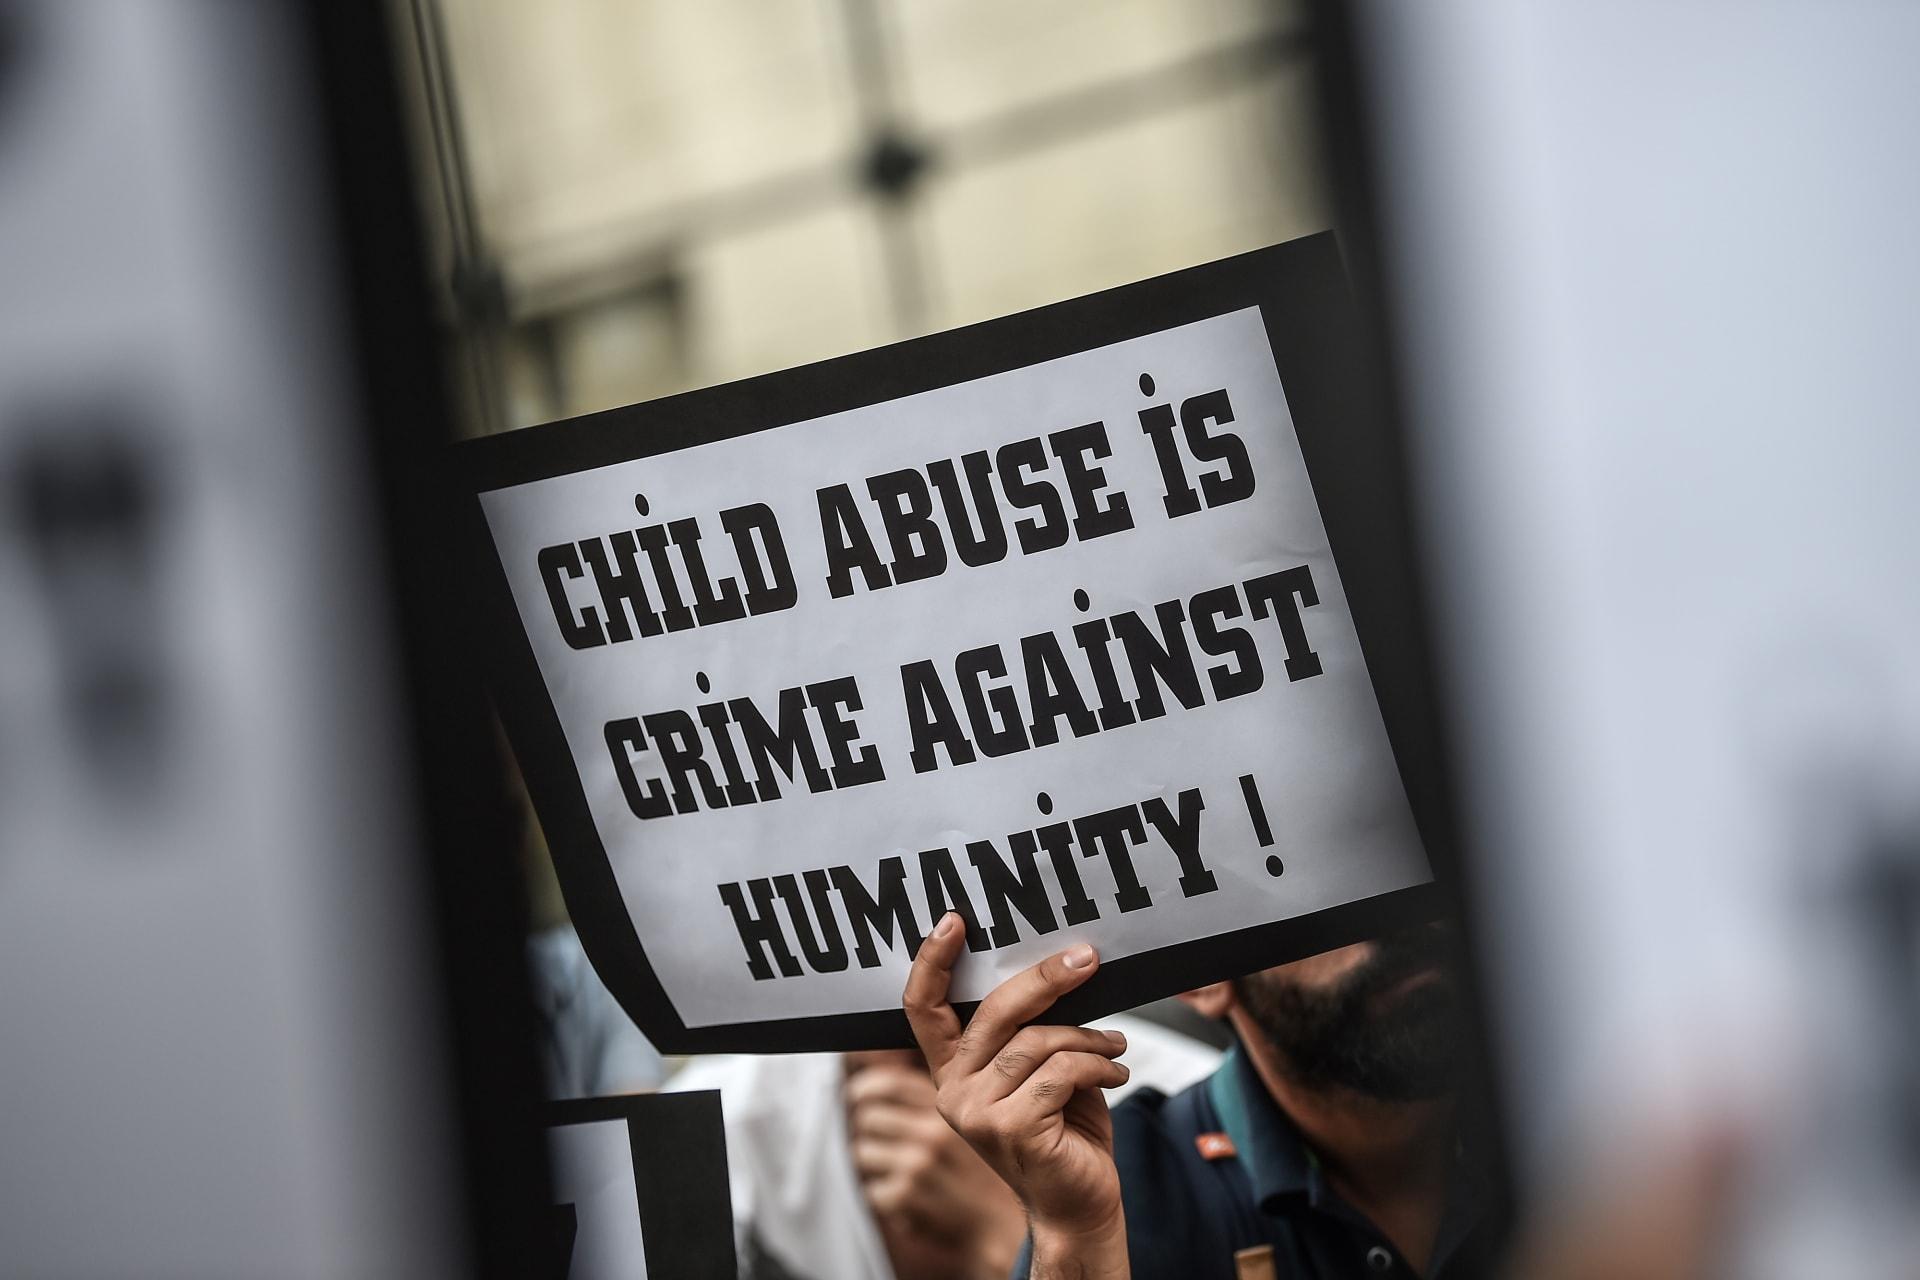 الحكم بالسجن 12 عاما على أم استغلت ابنها جنسيا رفقة شريكها